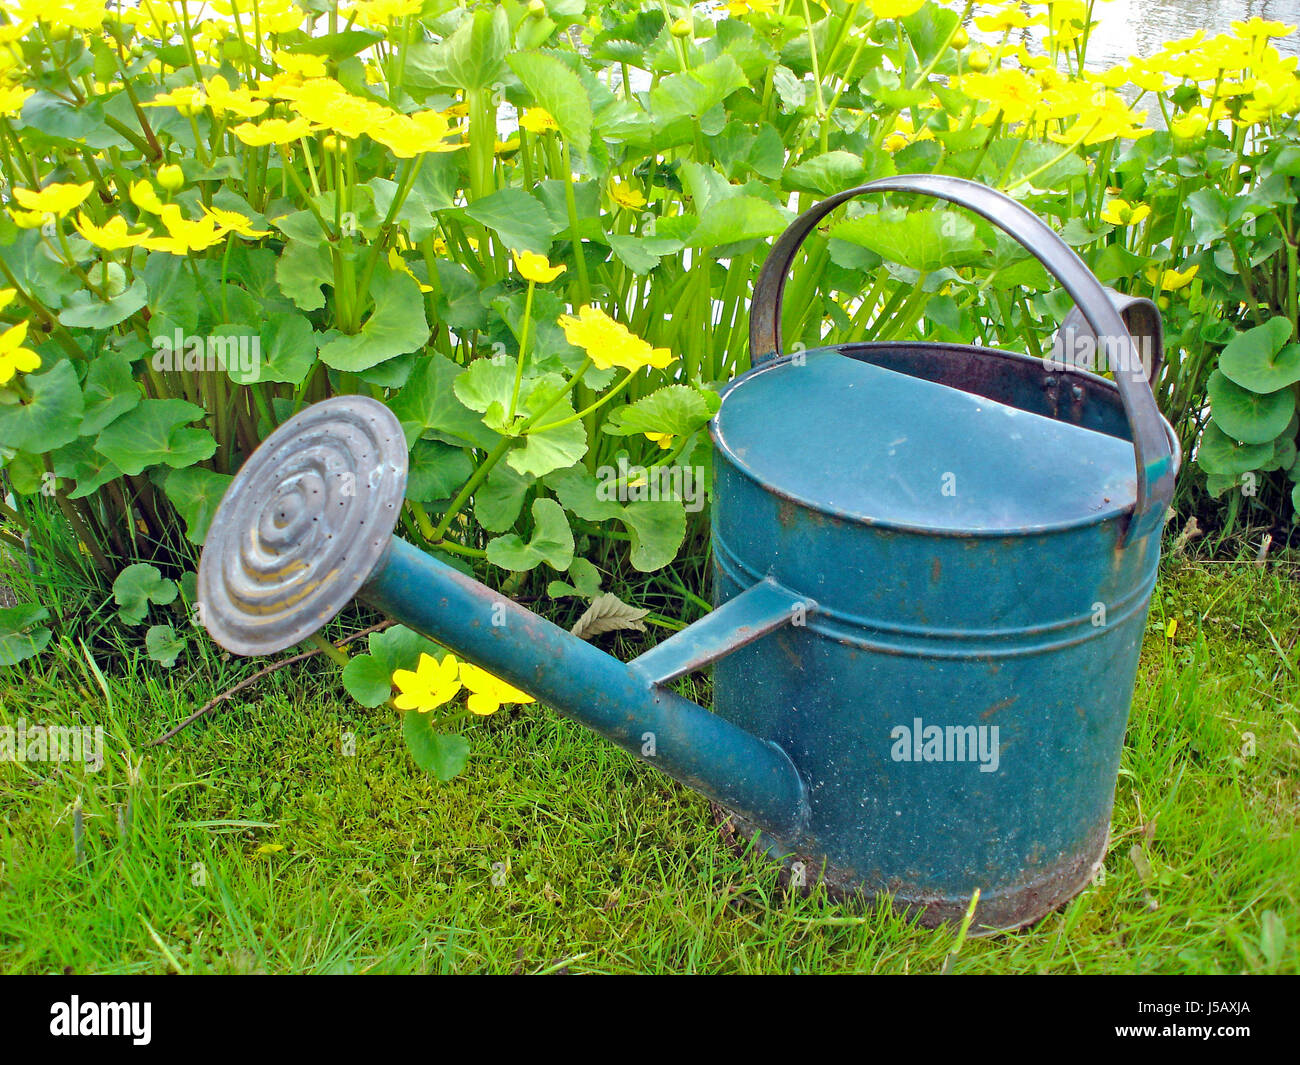 Blau garten gr n metall g rten giesskanne sumpfdotterblumen benzin stockfoto bild - Keramikkugeln blau garten ...